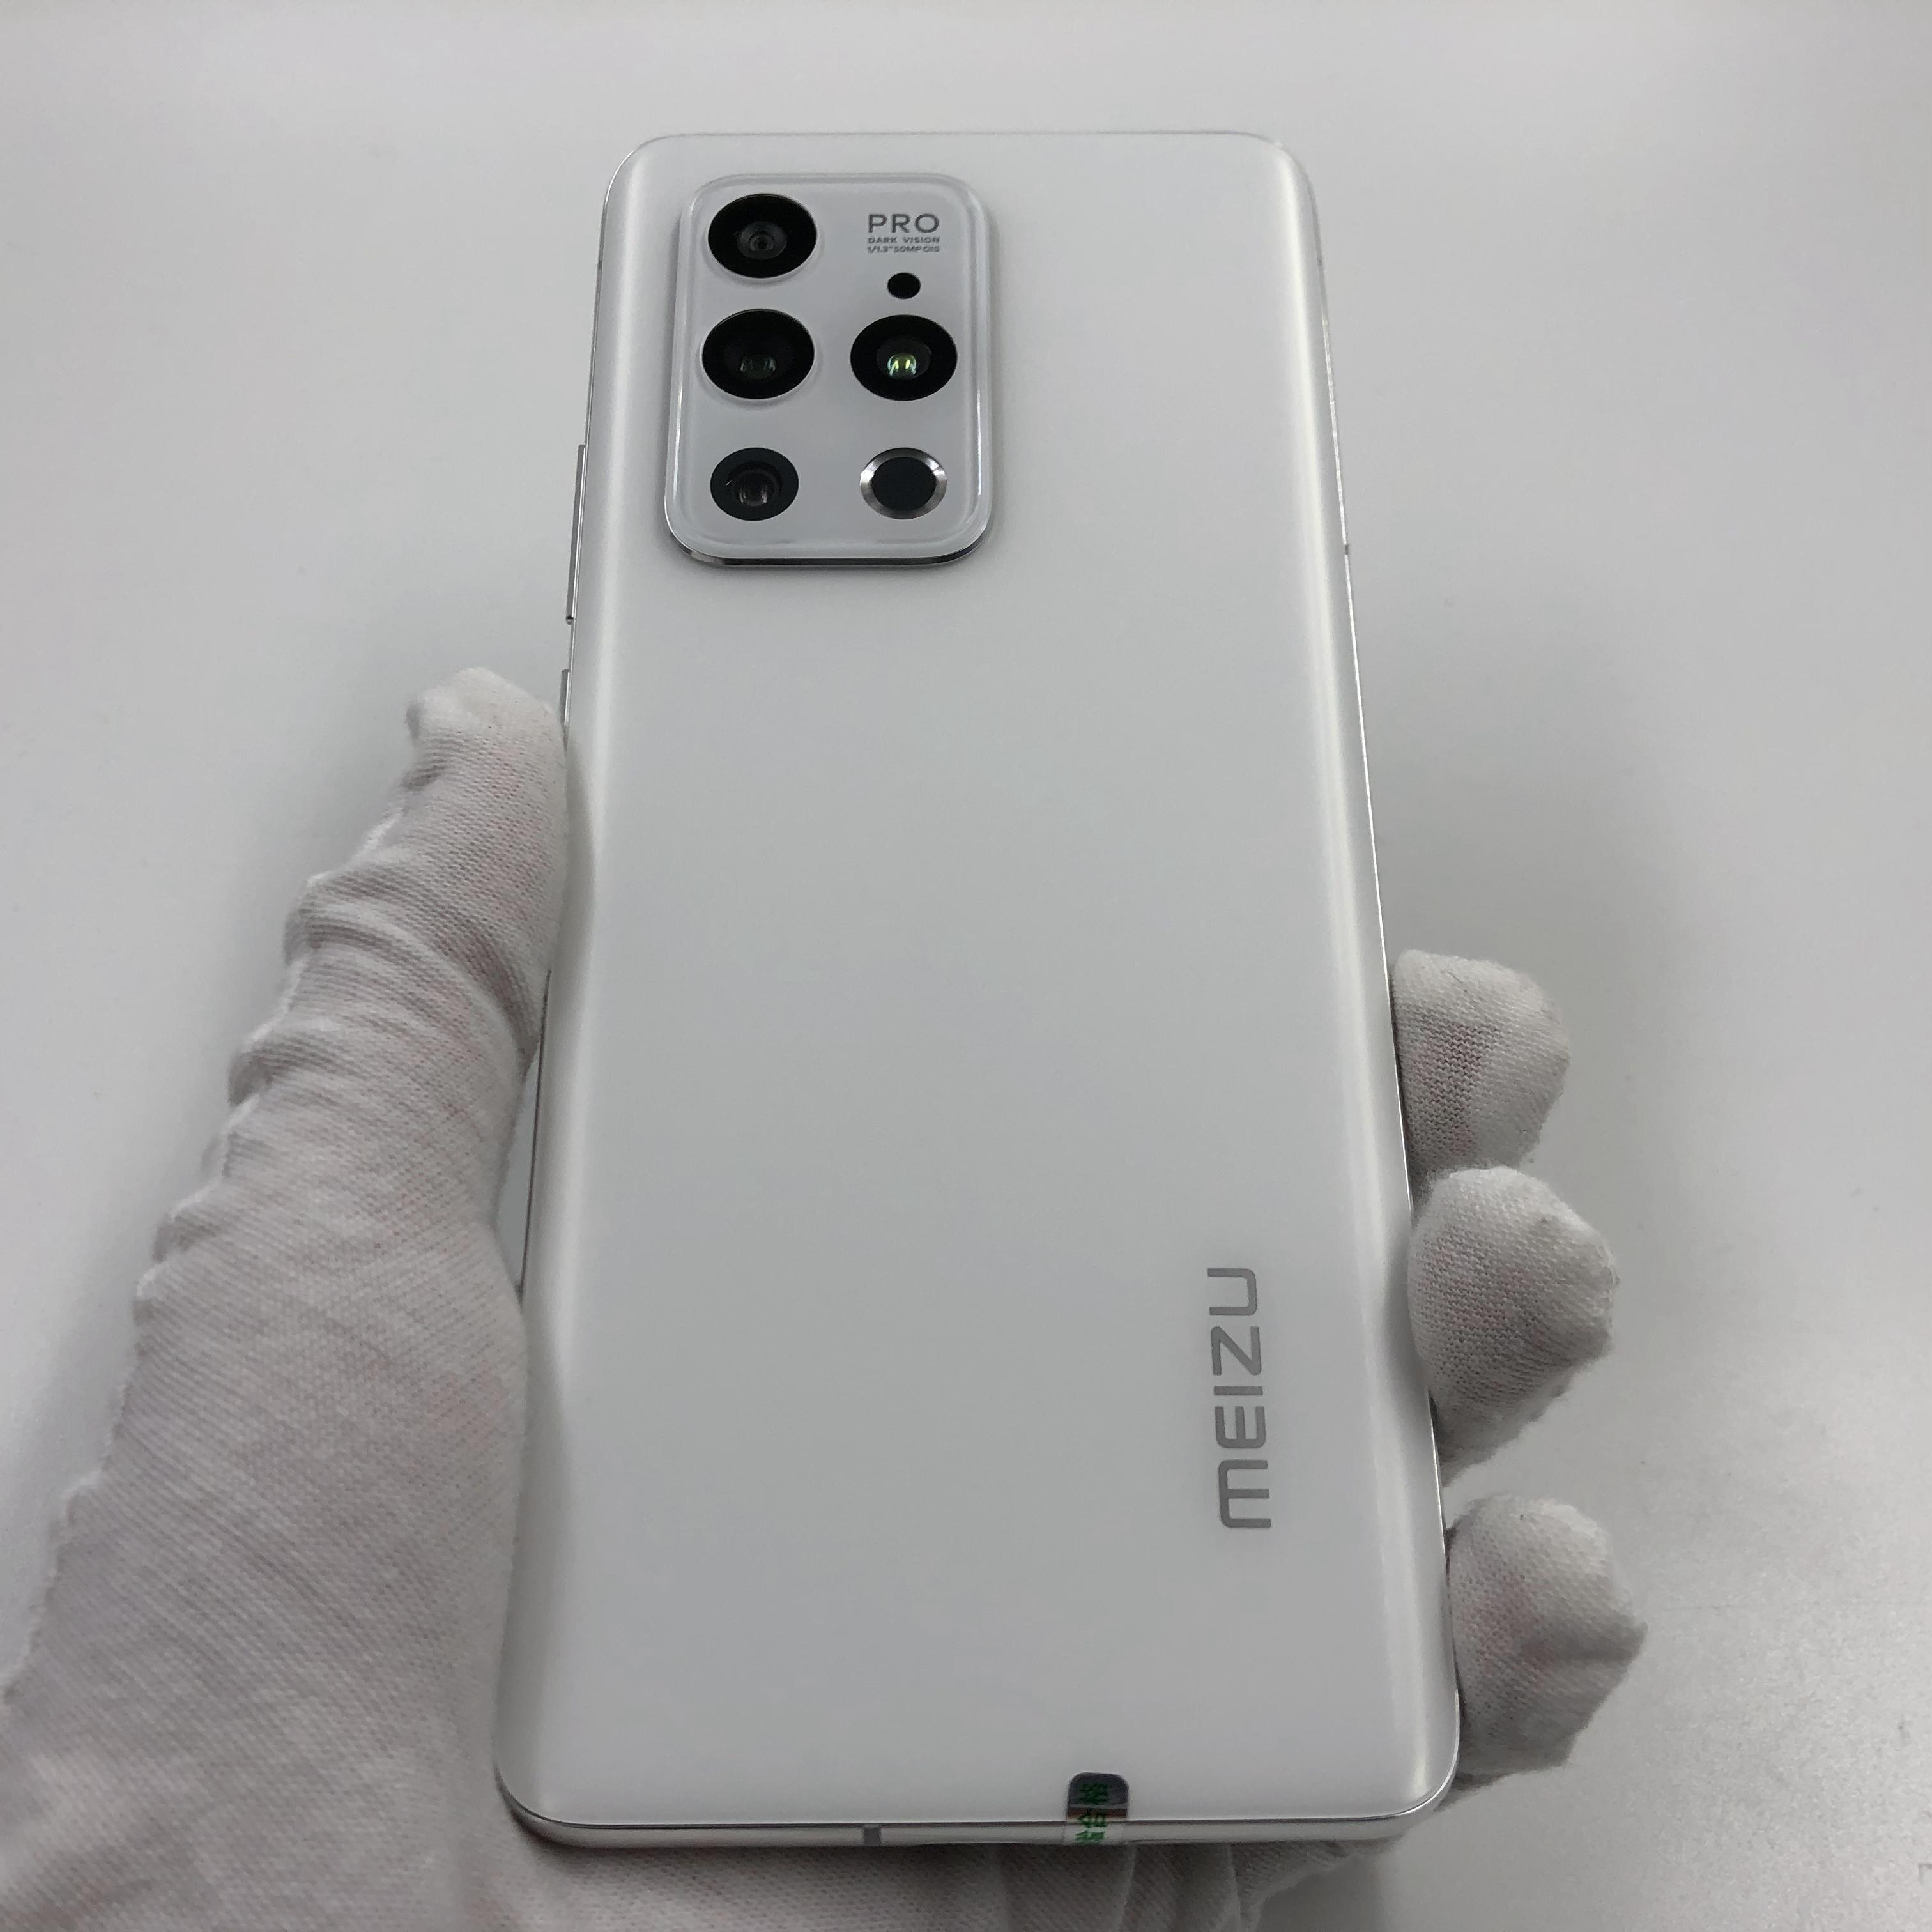 魅族【魅族 18 Pro】5G全网通 飞雪流光 8G/256G 国行 95新 真机实拍